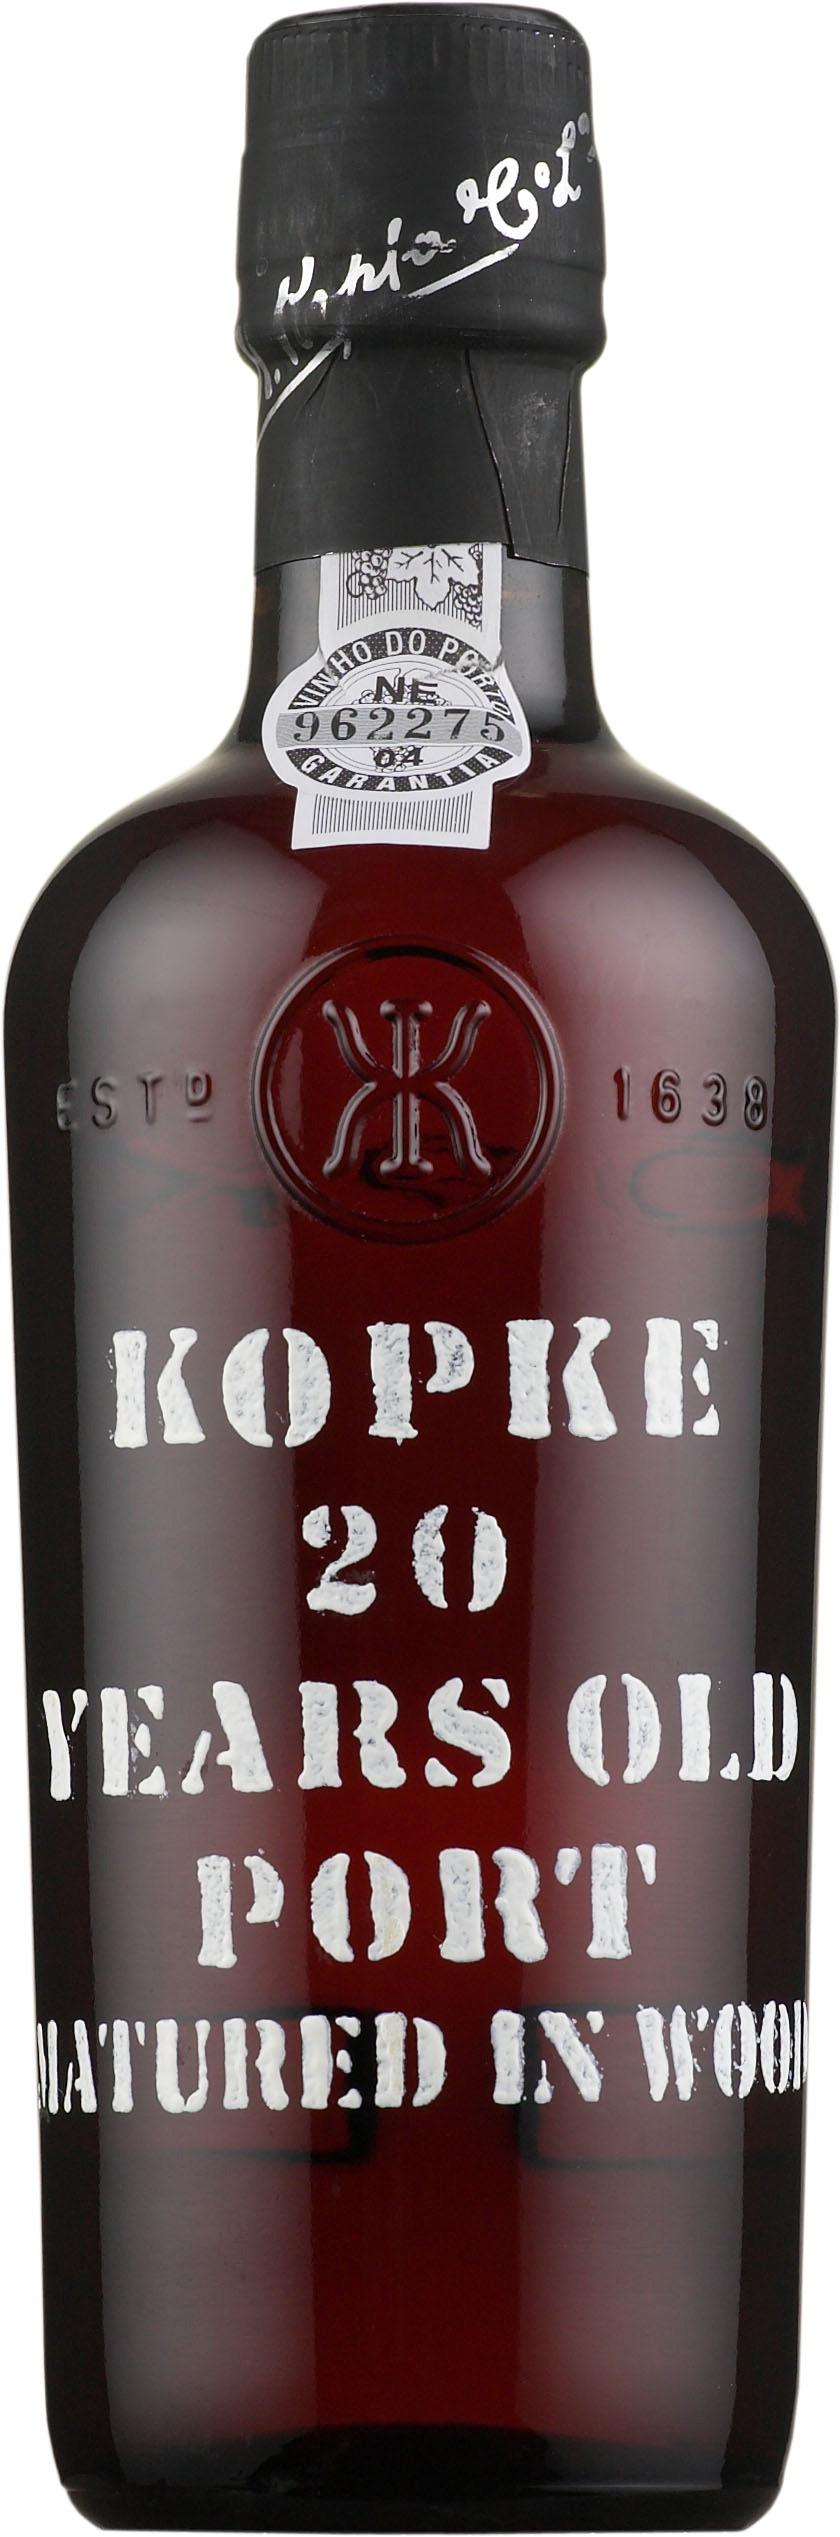 kopke-port